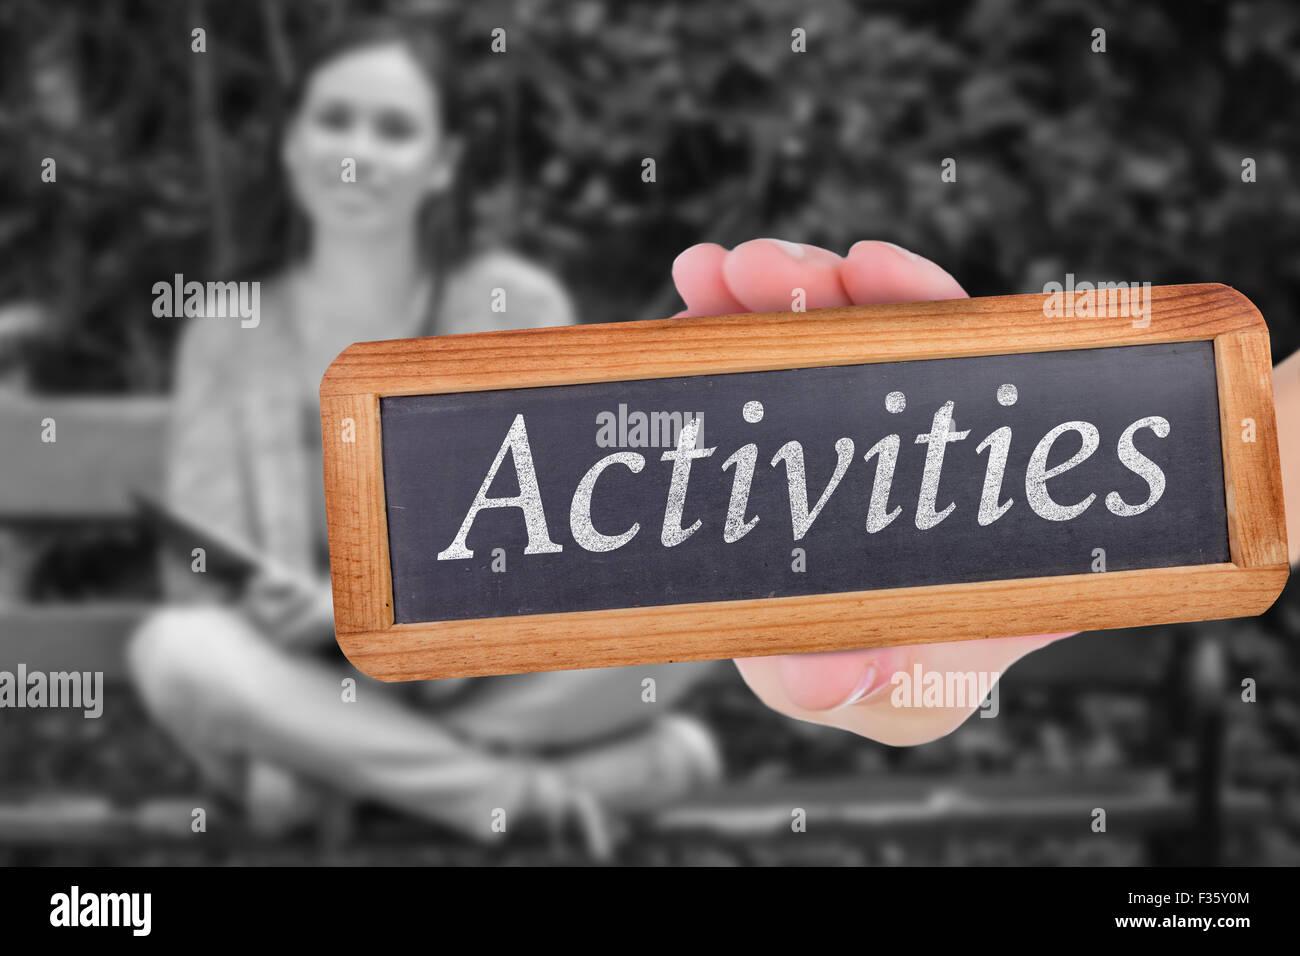 Las actividades contra el estudiante sonriente sentado en banquillo escuchando música con el teléfono Imagen De Stock